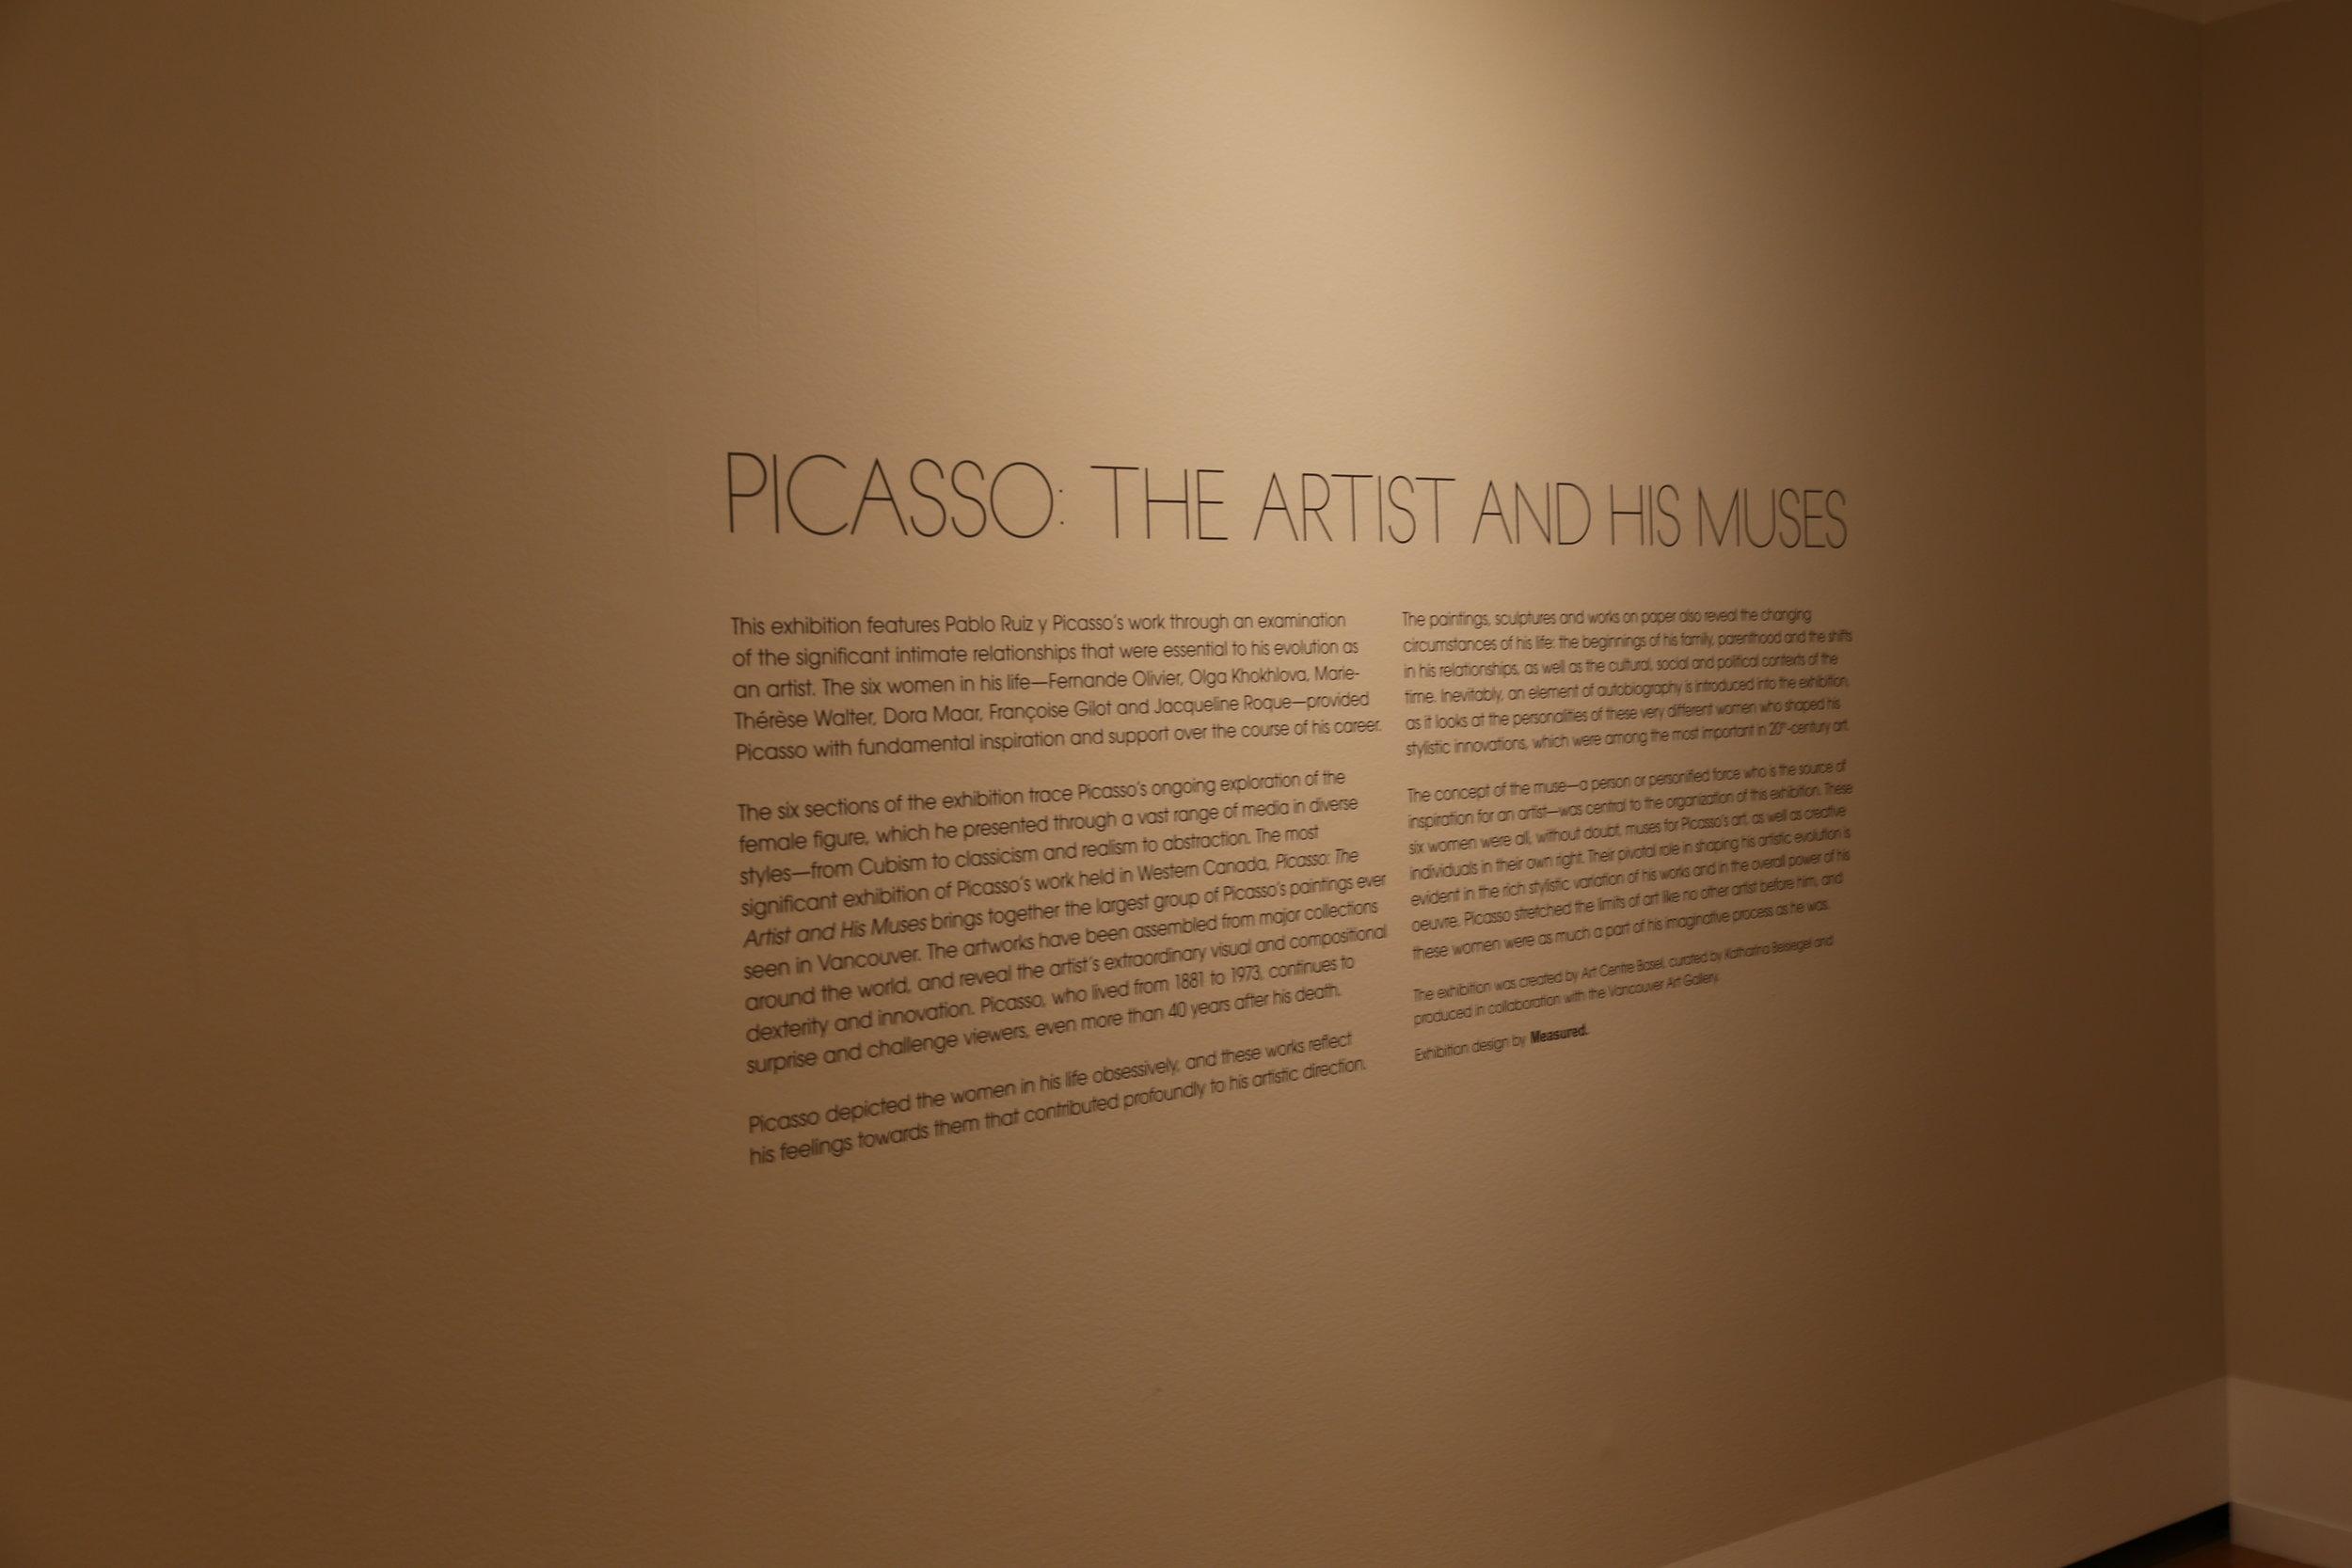 이번 피카소전은 피카소와 그의 6명의 뮤즈들에 관한 내용이라 합니다.